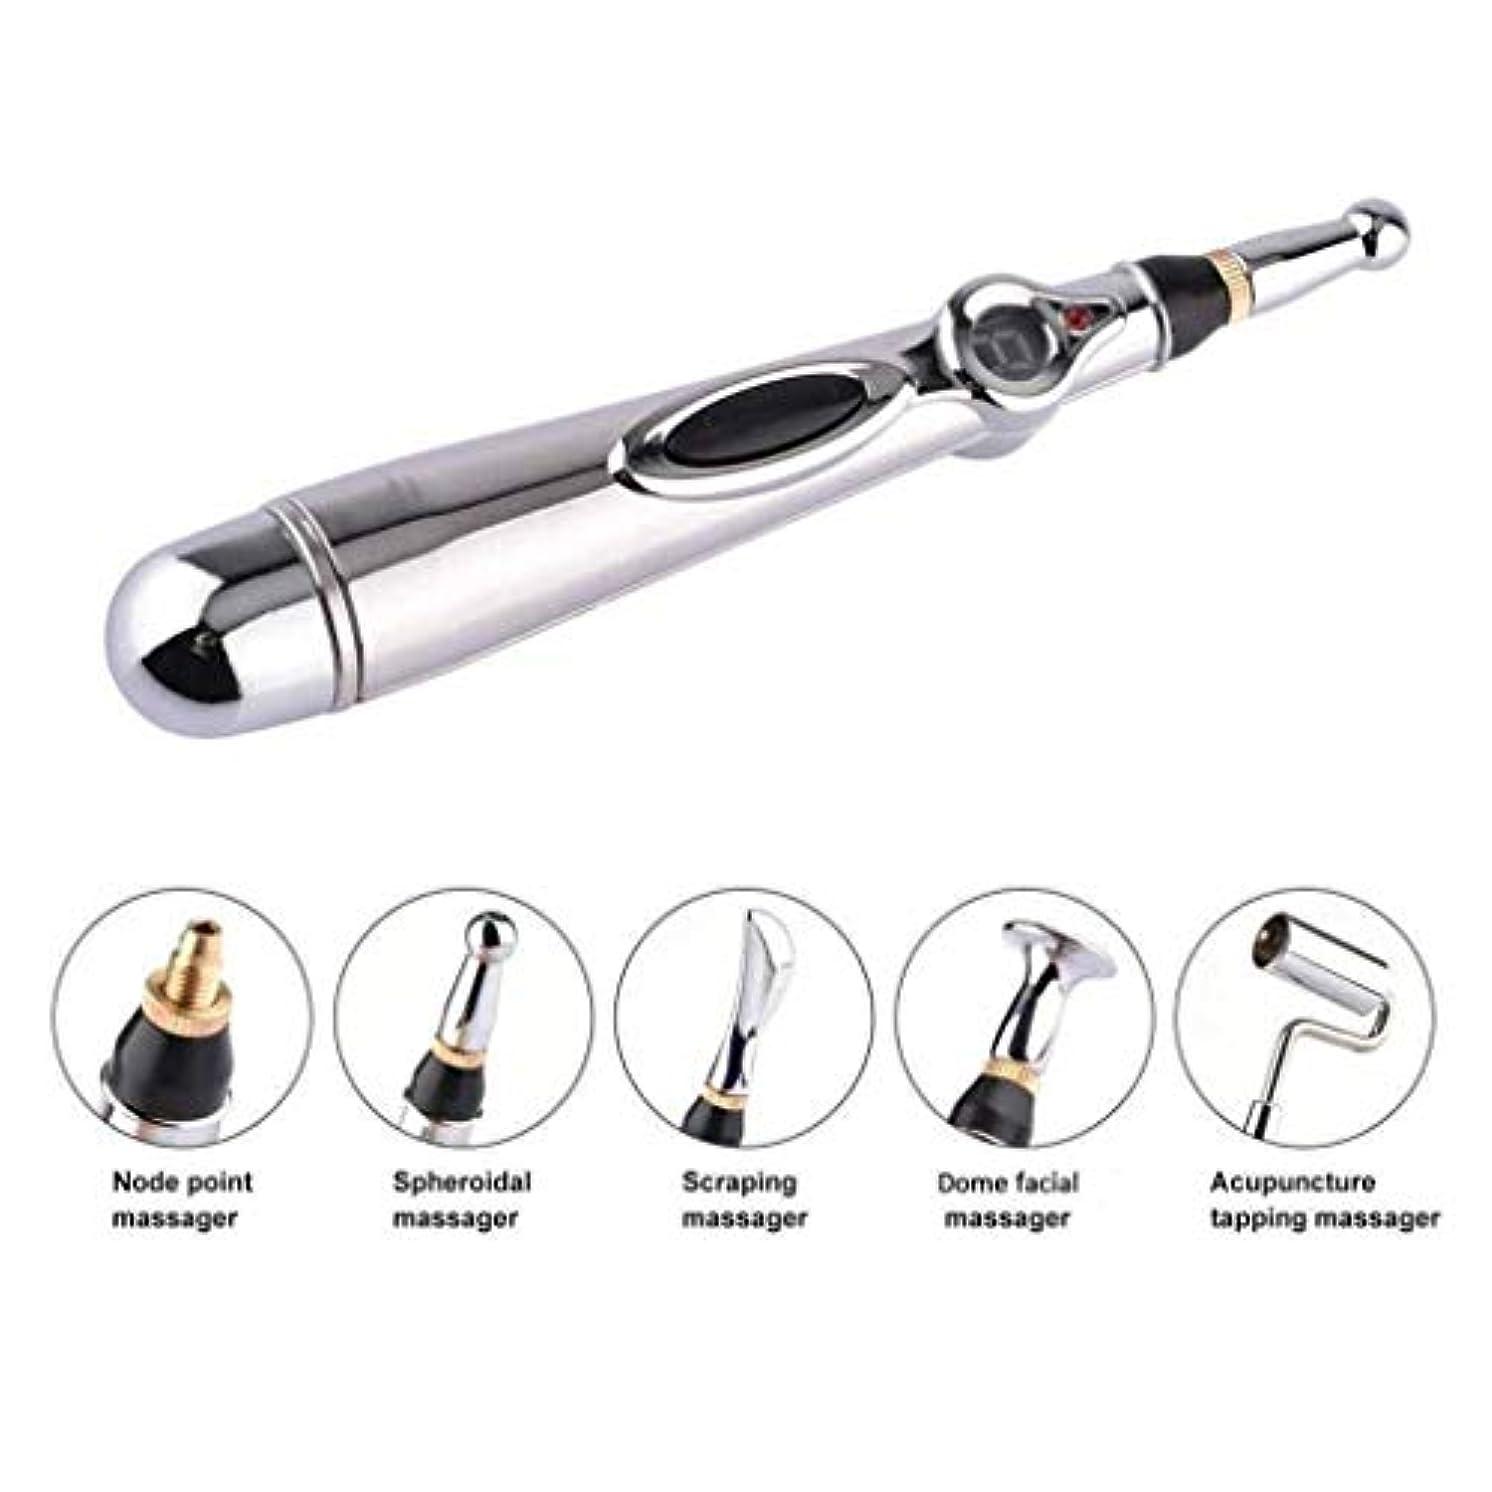 ハイライト交換牧草地メリディアンペン、5つのマッサージヘッドを備えた鍼治療用ペン、メリディアンエネルギーポイントペン、鎮痛マッサージツール